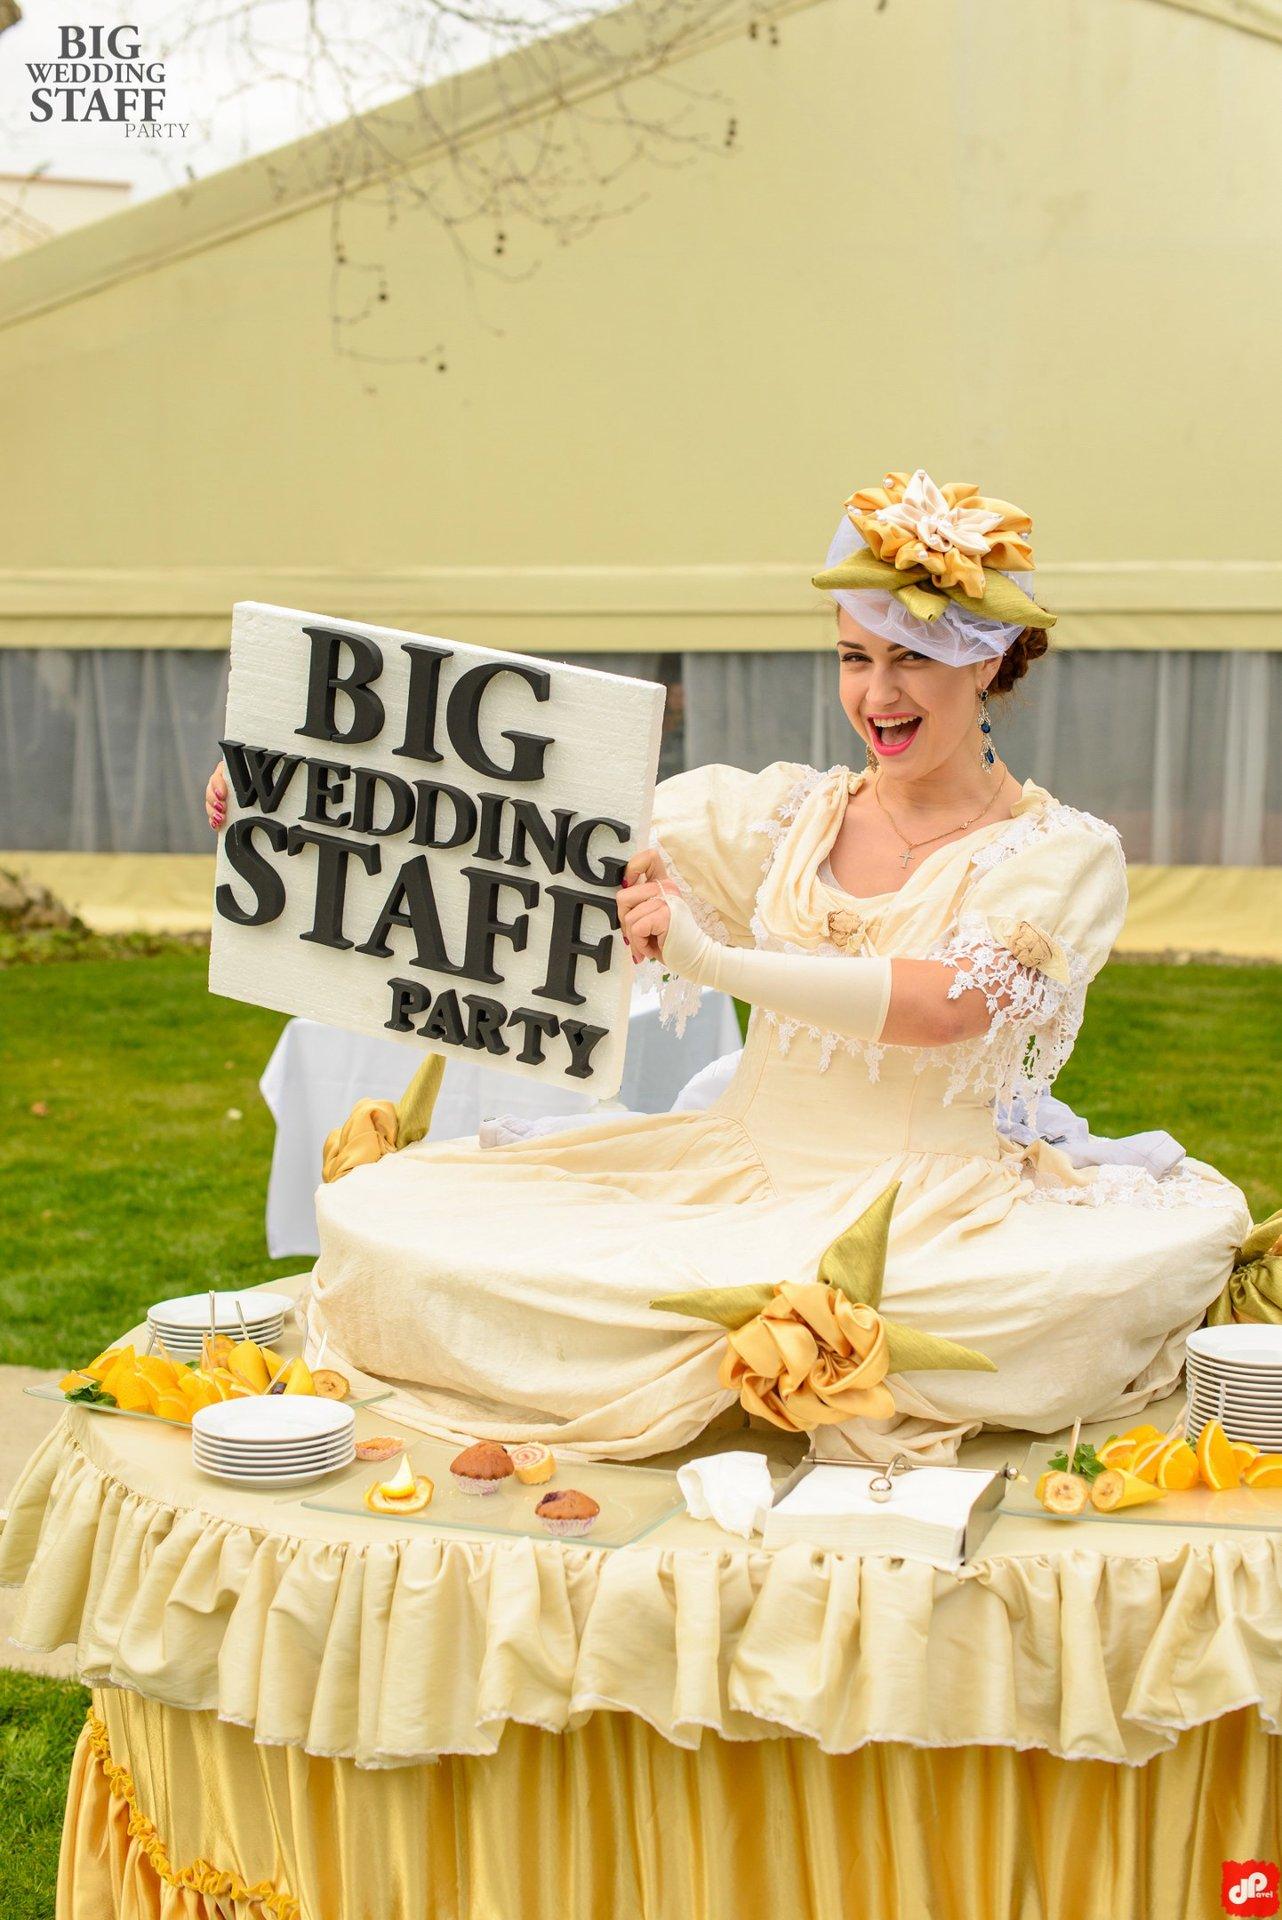 Staff for wedding